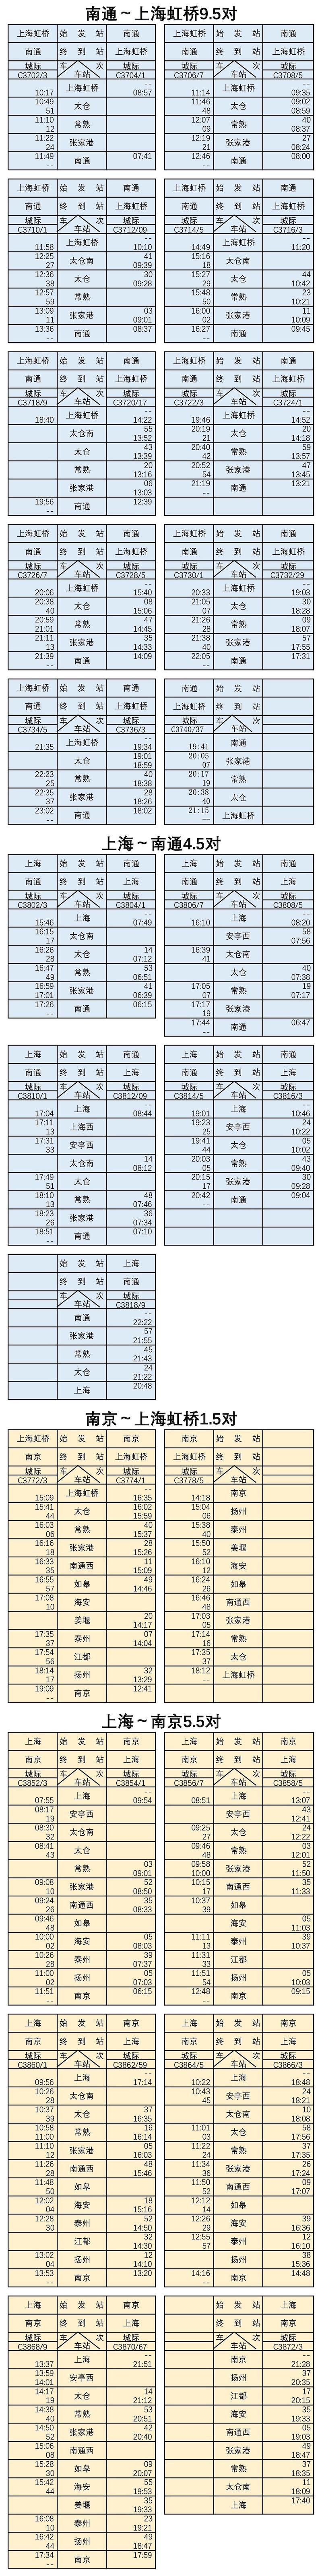 摩天测速:沪苏通铁路今天11摩天测速时图片